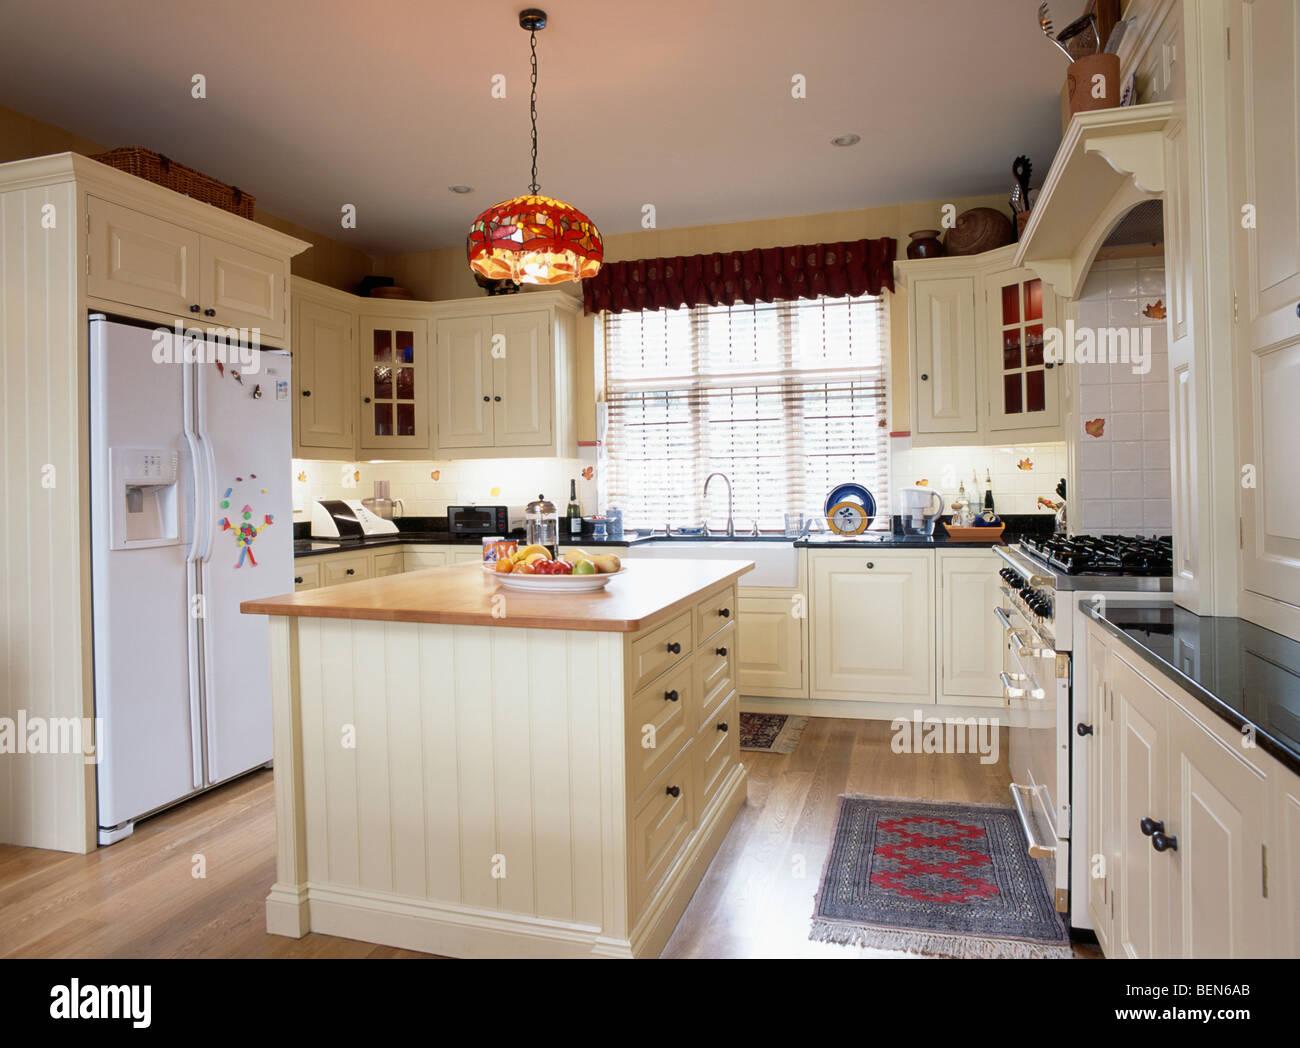 Kühlschrank Creme : Creme insel einheit und einbauschränke in bauernküche mit großen